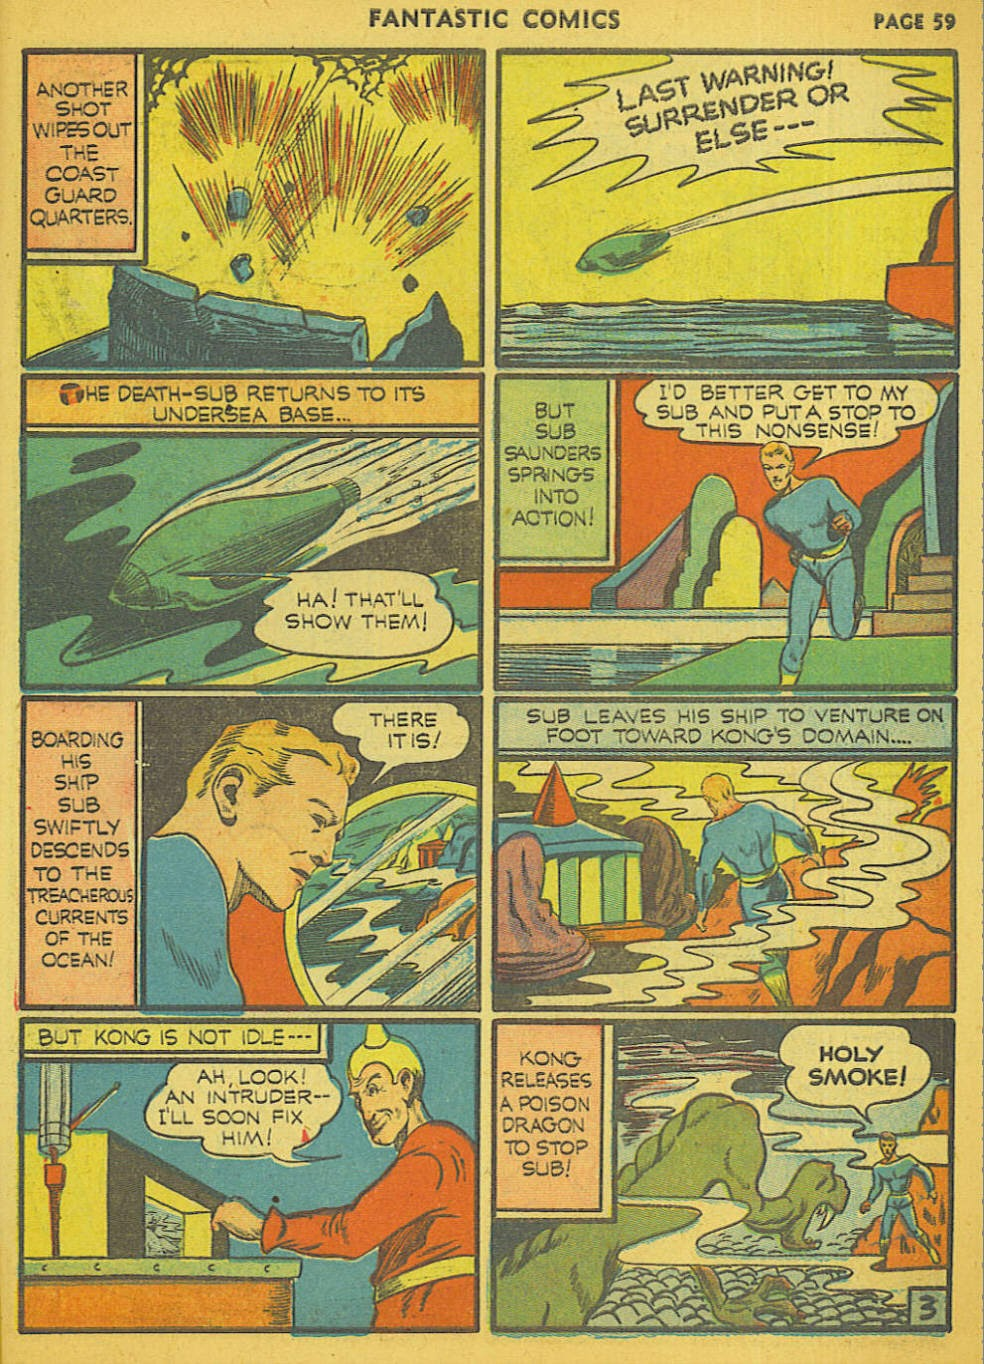 Read online Fantastic Comics comic -  Issue #15 - 54